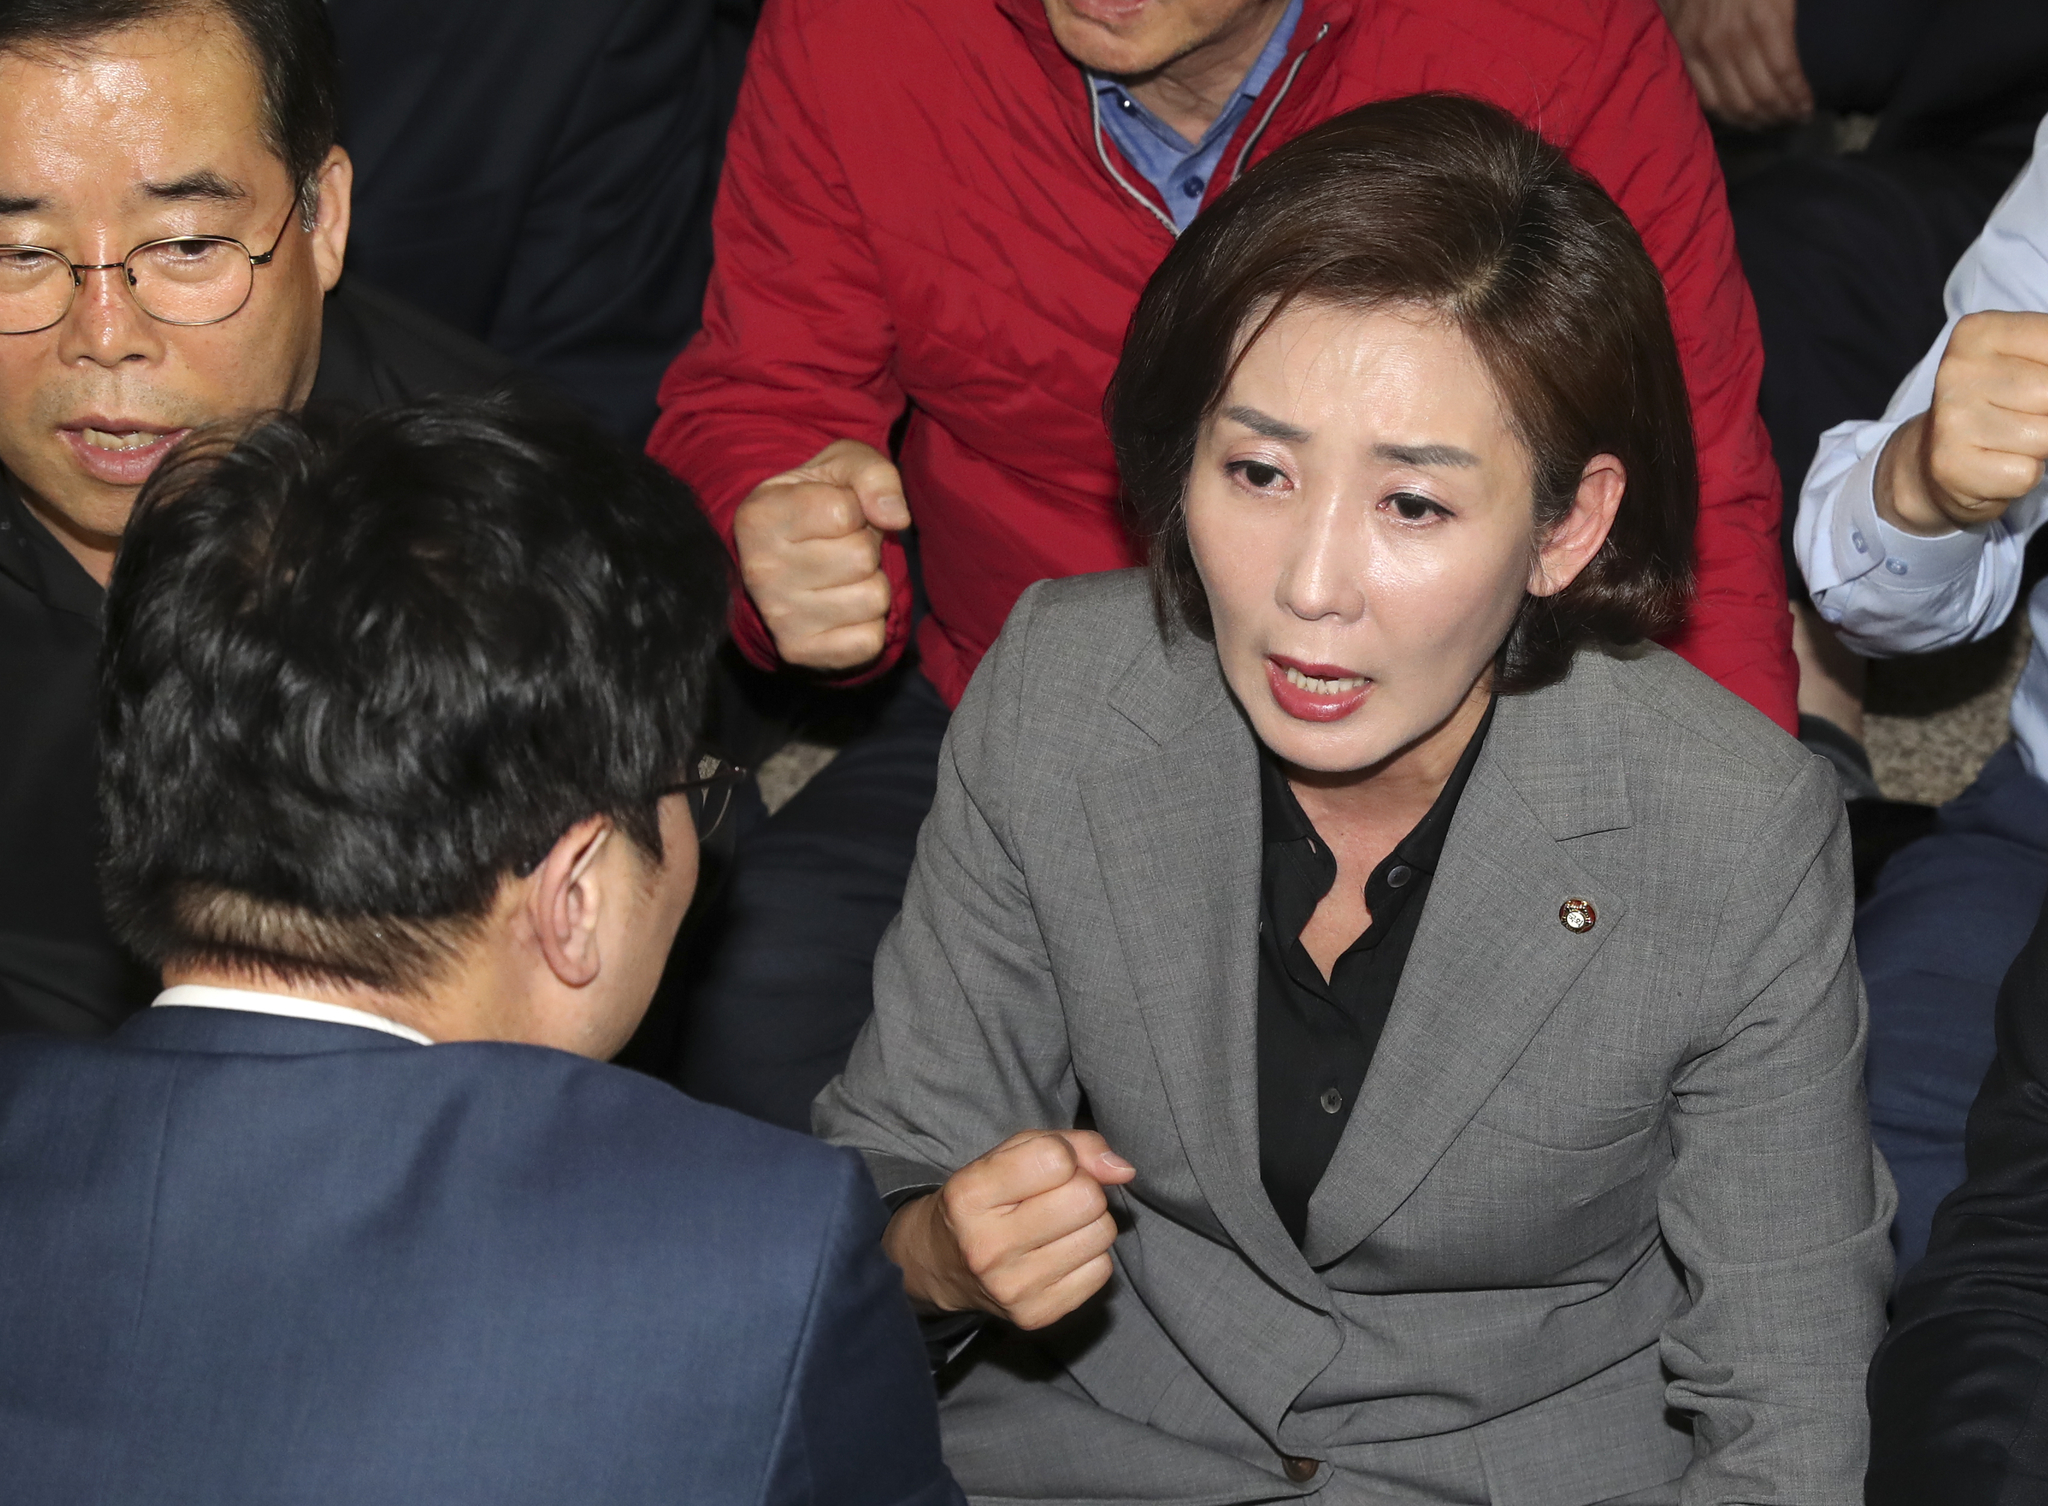 자유한국당 나경원 원내대표(오른쪽)이 26일 오후 국회 사개특위 회의실 앞에서 민주당 박범계 의원이 말을 걸어도 구호만 외치고 있다. 임현동 기자